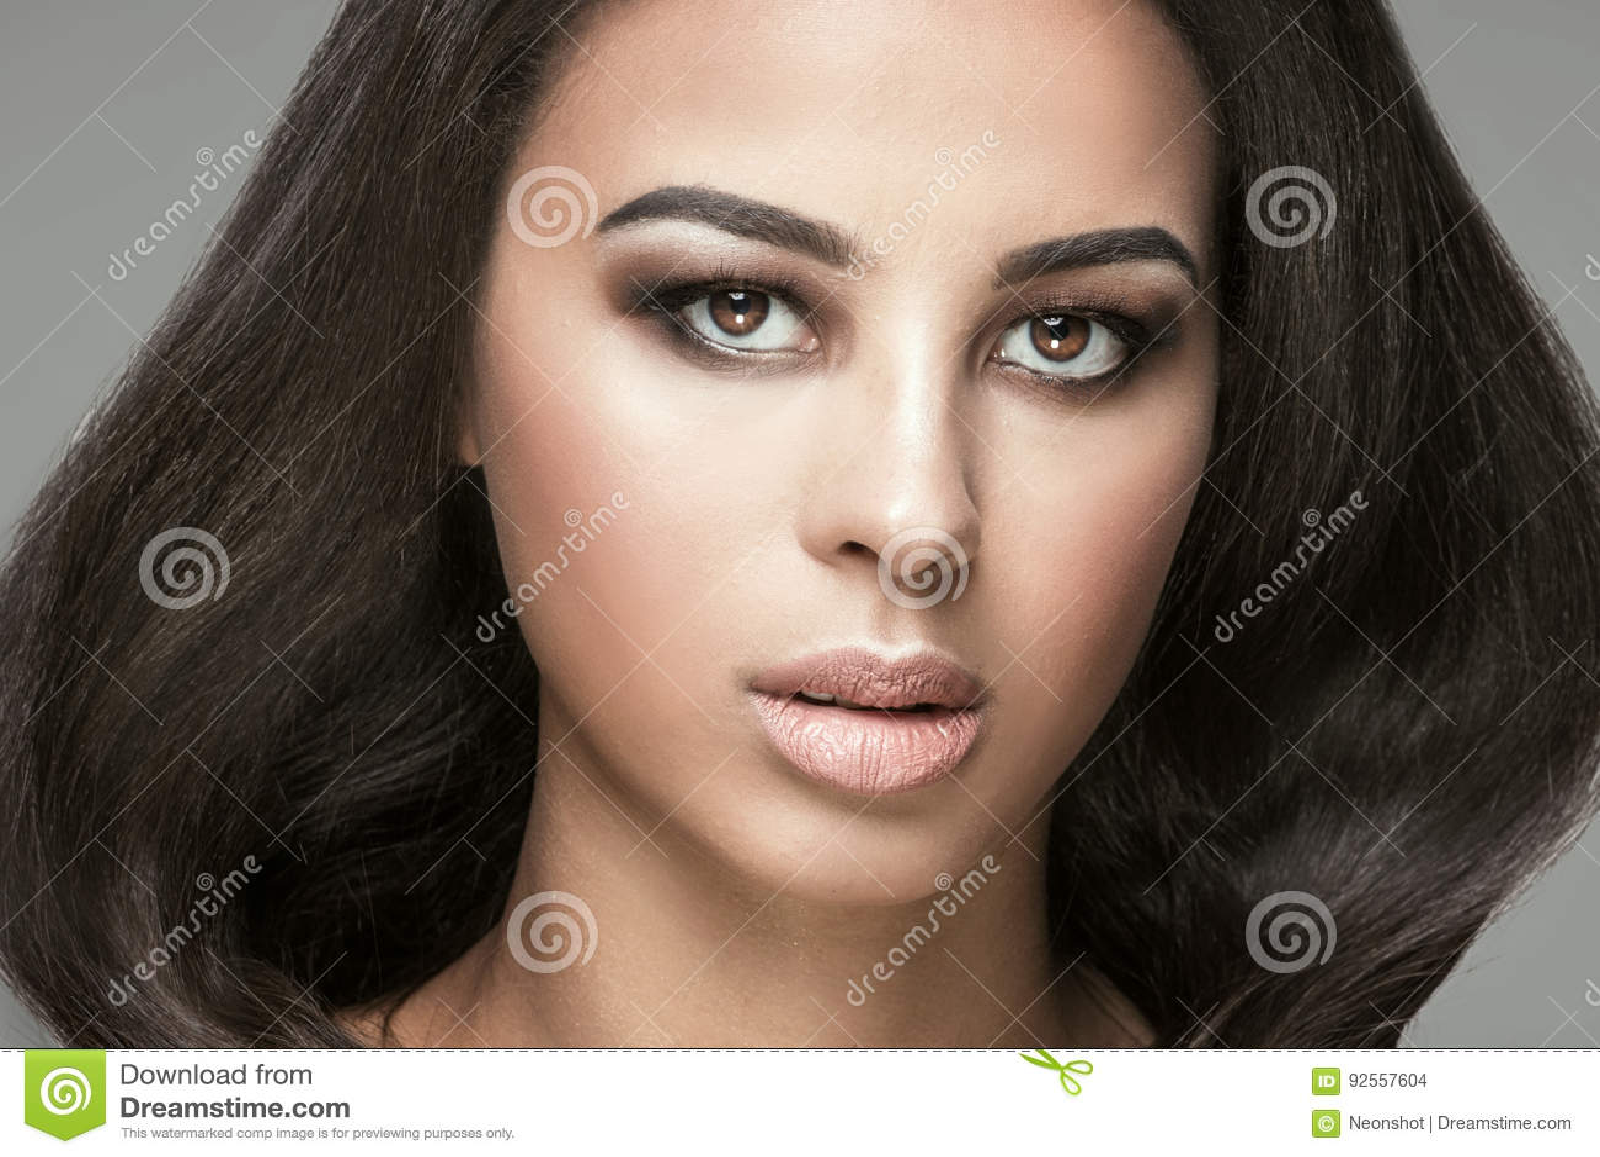 Ritratto di bellezza della ragazza naturale africana